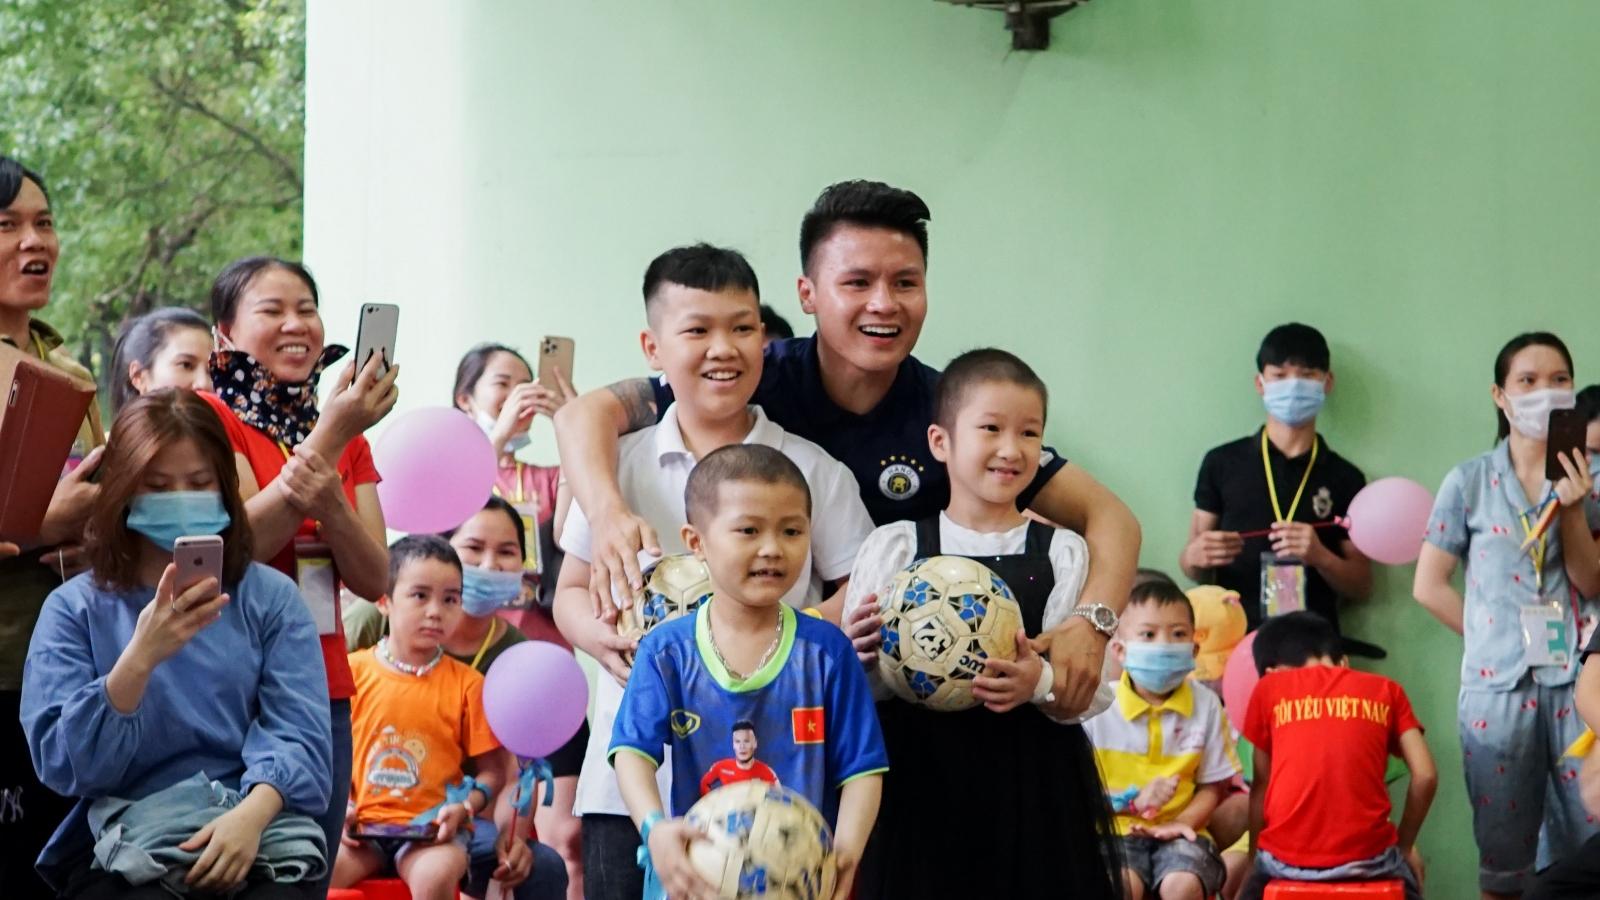 Quang Hải, Văn Quyết giao lưu, động viên các em nhỏ mắc bệnh ung thư